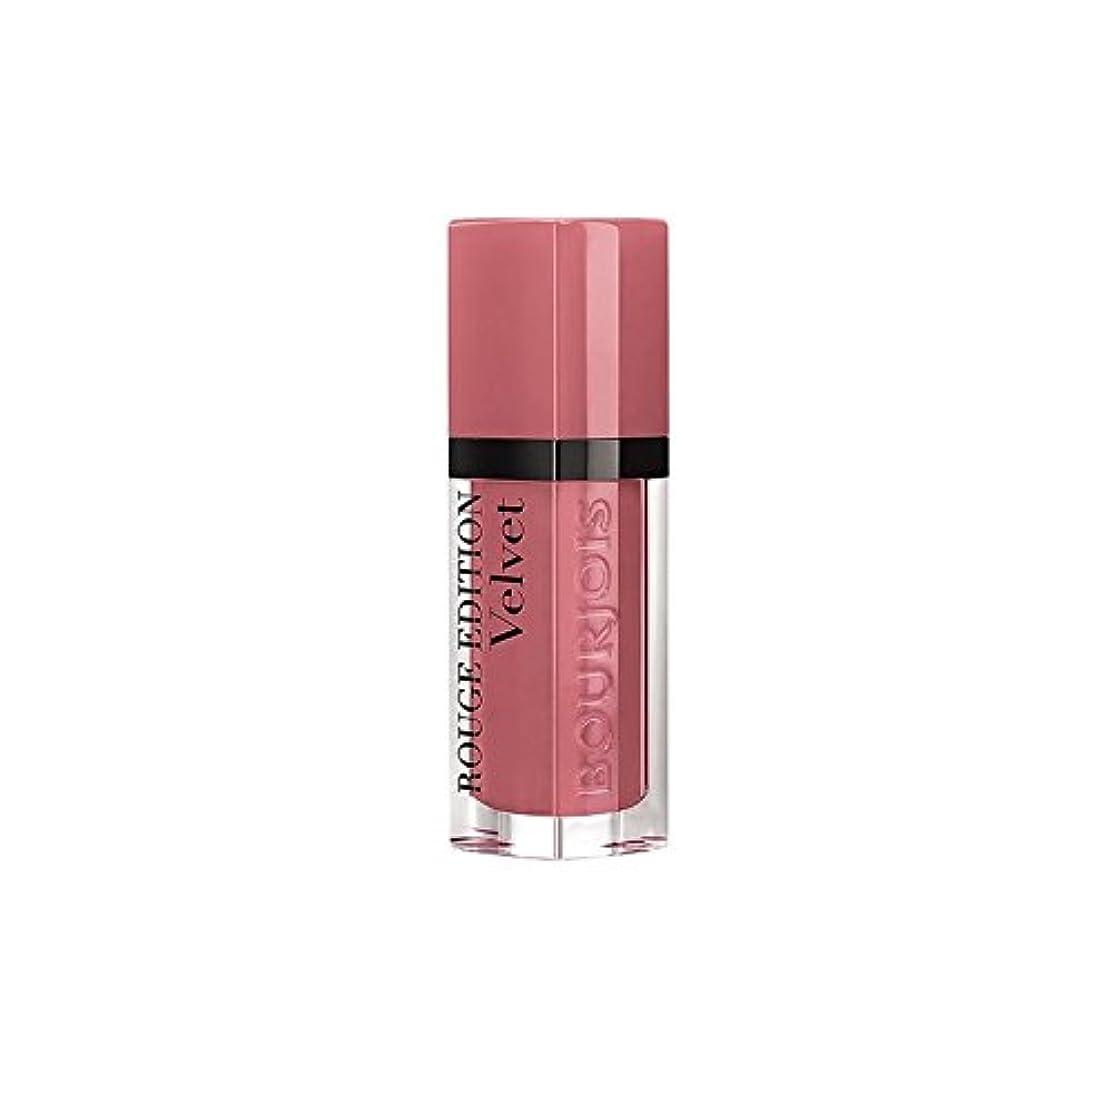 透けて見える近代化する露ブルジョワルージュ版のベルベットの口紅幸せなヌード年09 x4 - Bourjois Rouge Edition Velvet lipstick Happy Nude Year 09 (Pack of 4) [並行輸入品]